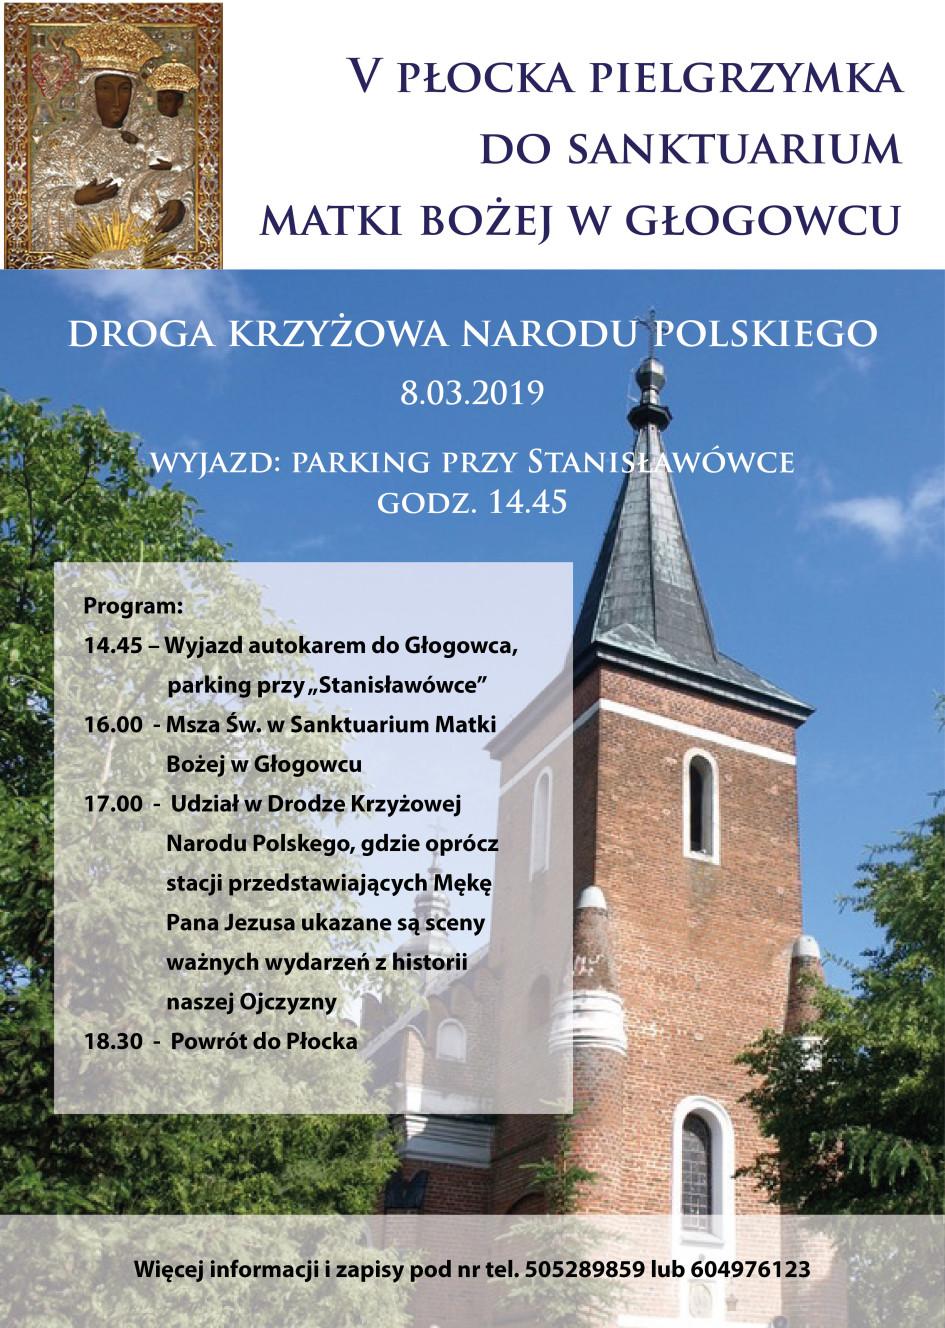 Pielgrzymka do Głogowca 2019-01